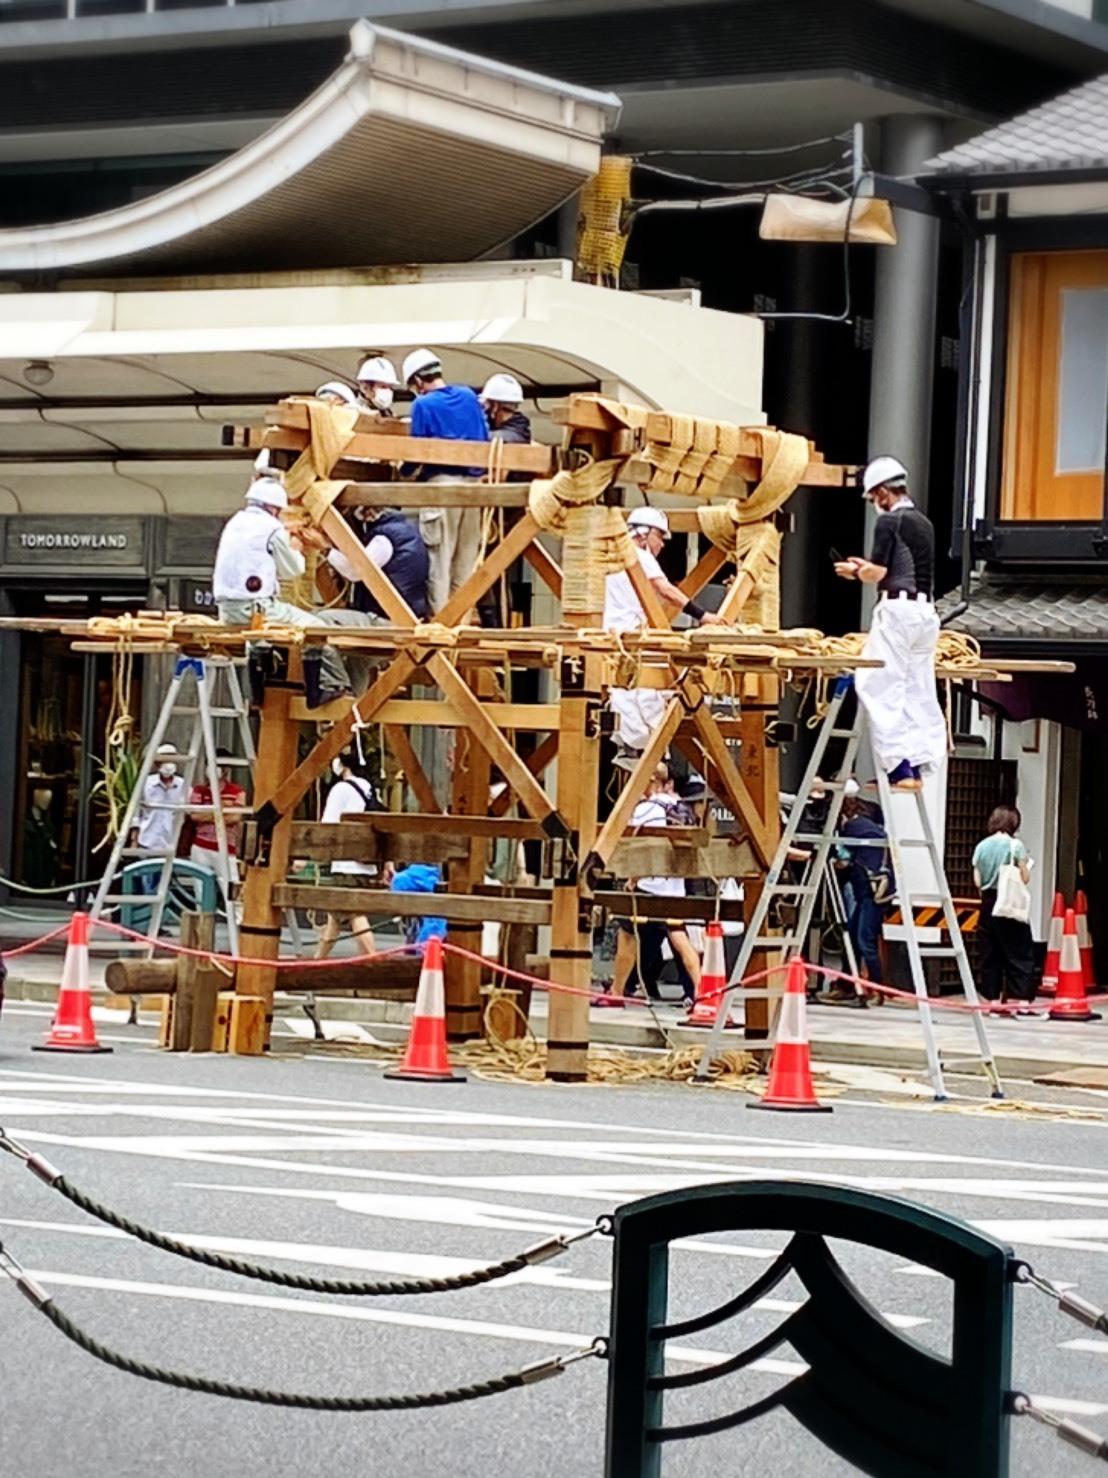 今年も祇園祭は中止ですが、ニコリニコリーは出店しておりますよー❗️_a0129631_10134099.jpg